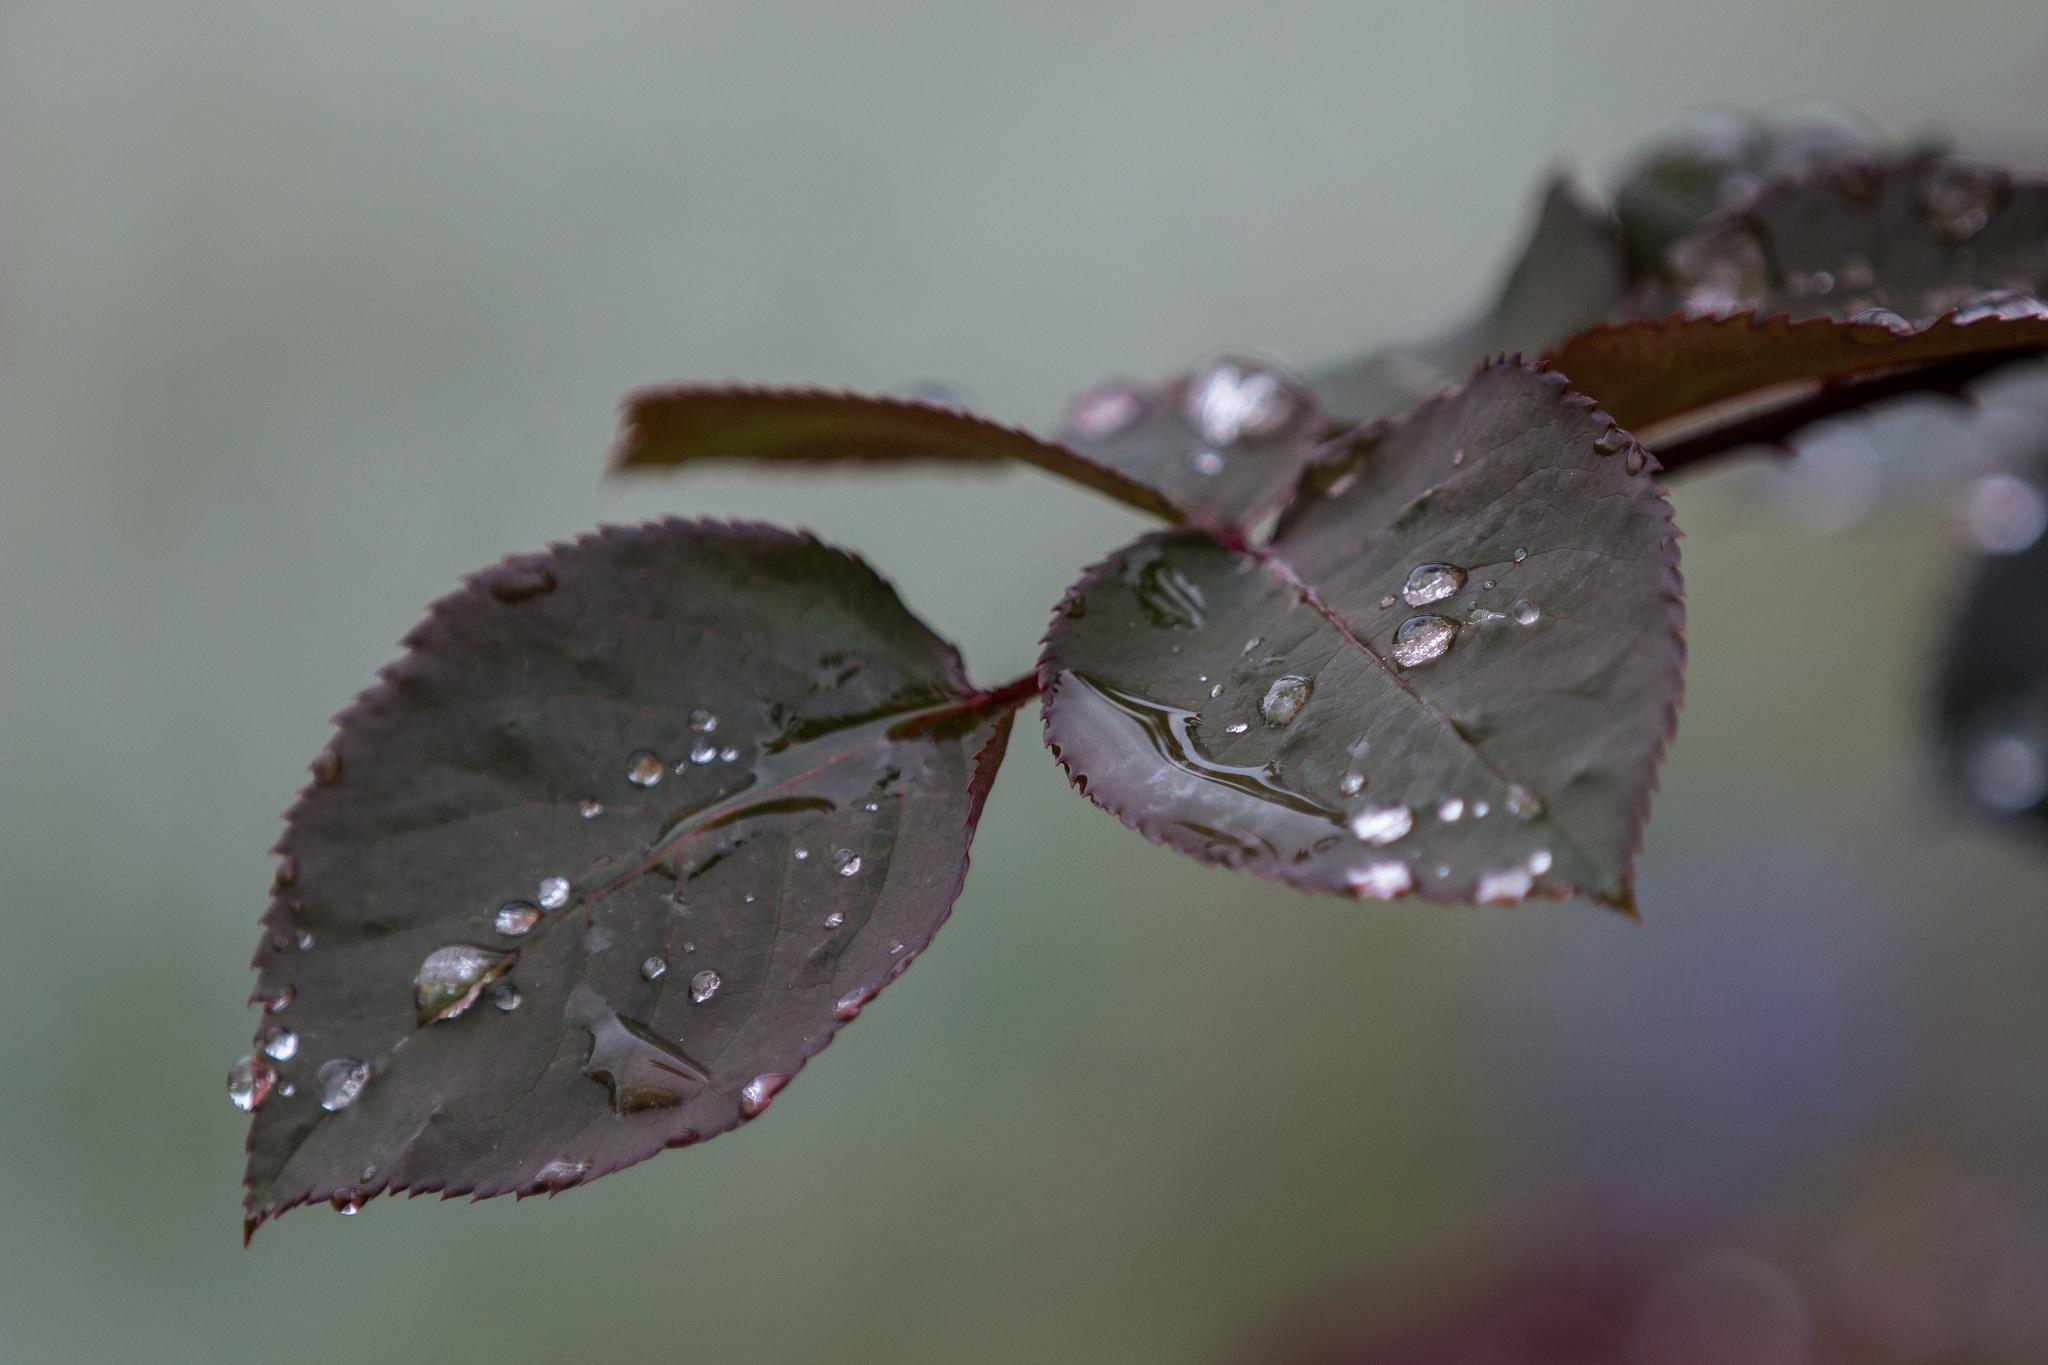 141478 Hintergrundbild herunterladen Blätter, Drops, Makro, Rose, Ast, Zweig - Bildschirmschoner und Bilder kostenlos